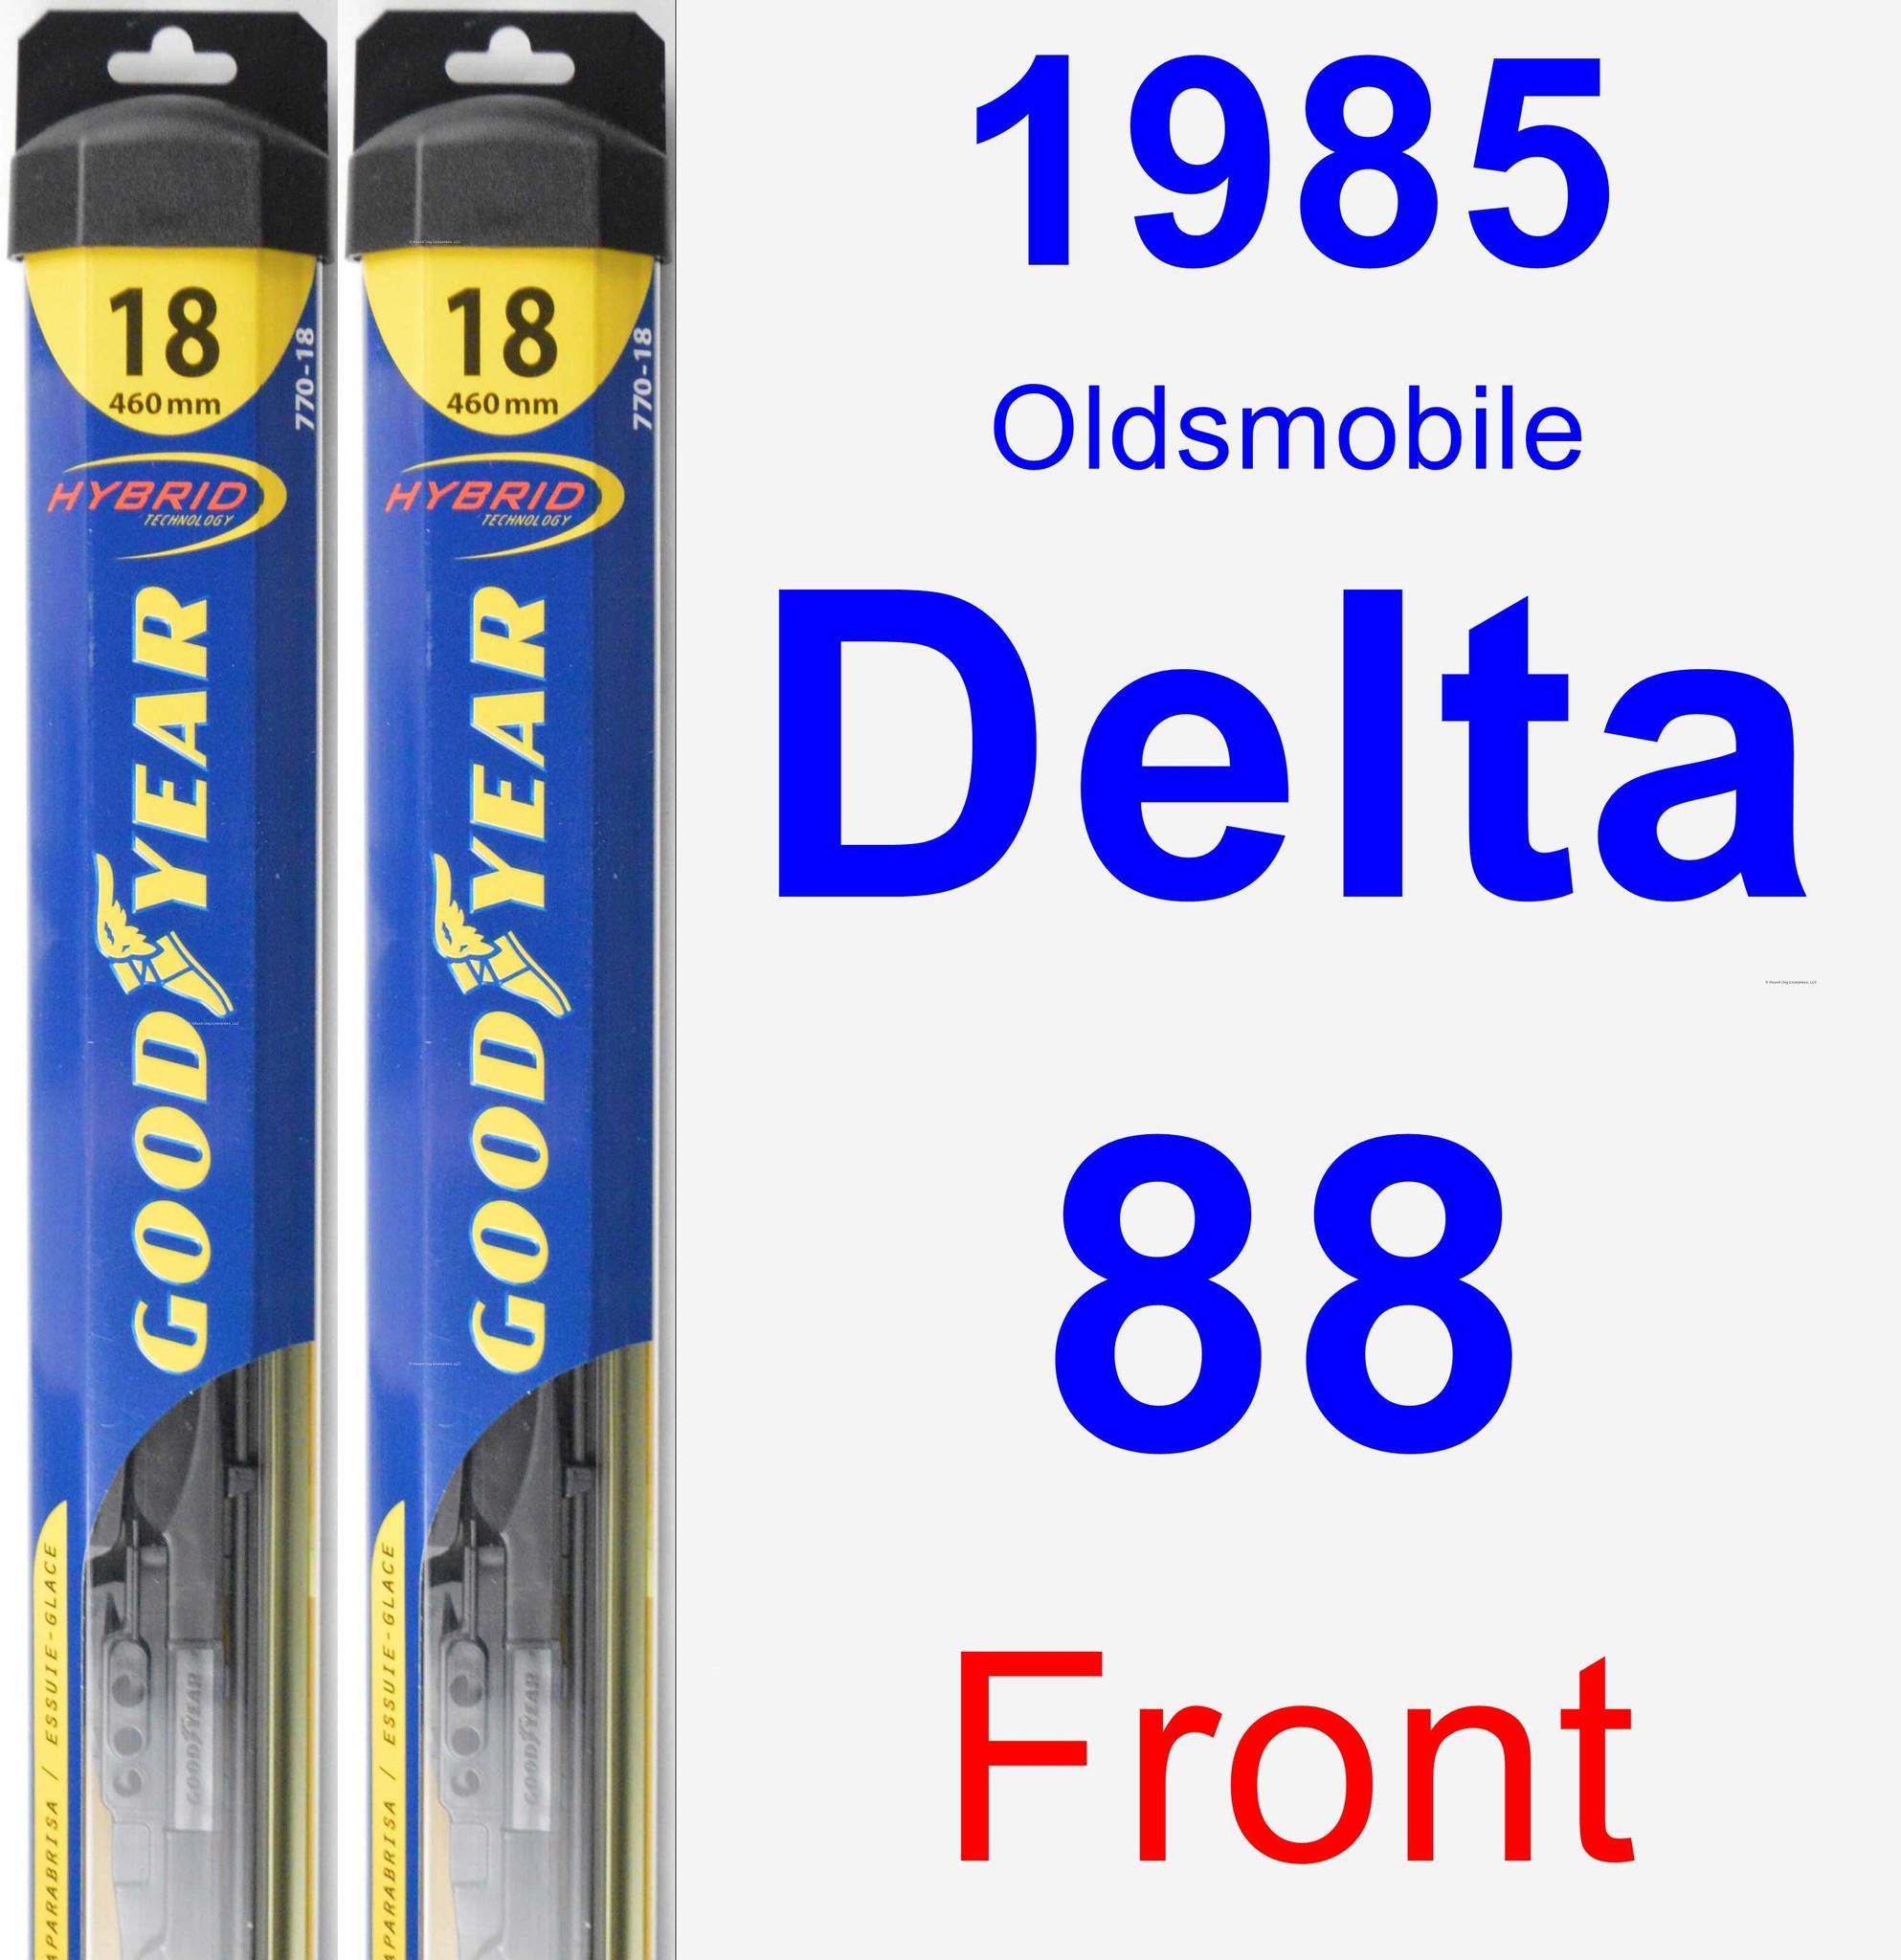 1985 Oldsmobile Delta 88 Wiper Blade Set/Kit (Front) (2 Blades) - Hybrid